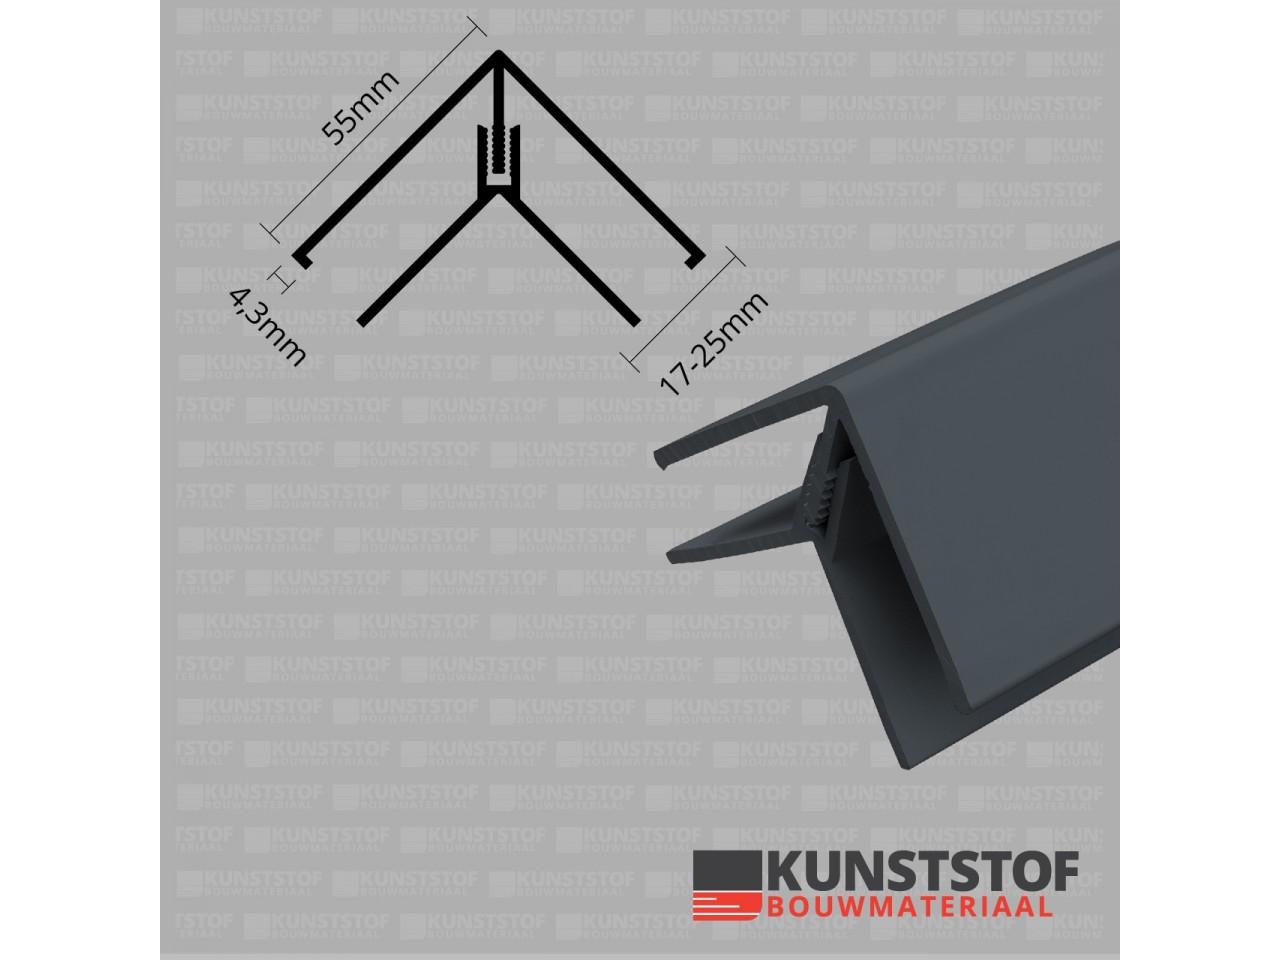 Eurotexx Dubbel Rabat hoekprofiel 2-delig kunststof in de kleur antraciet ral 7015 donker grijs